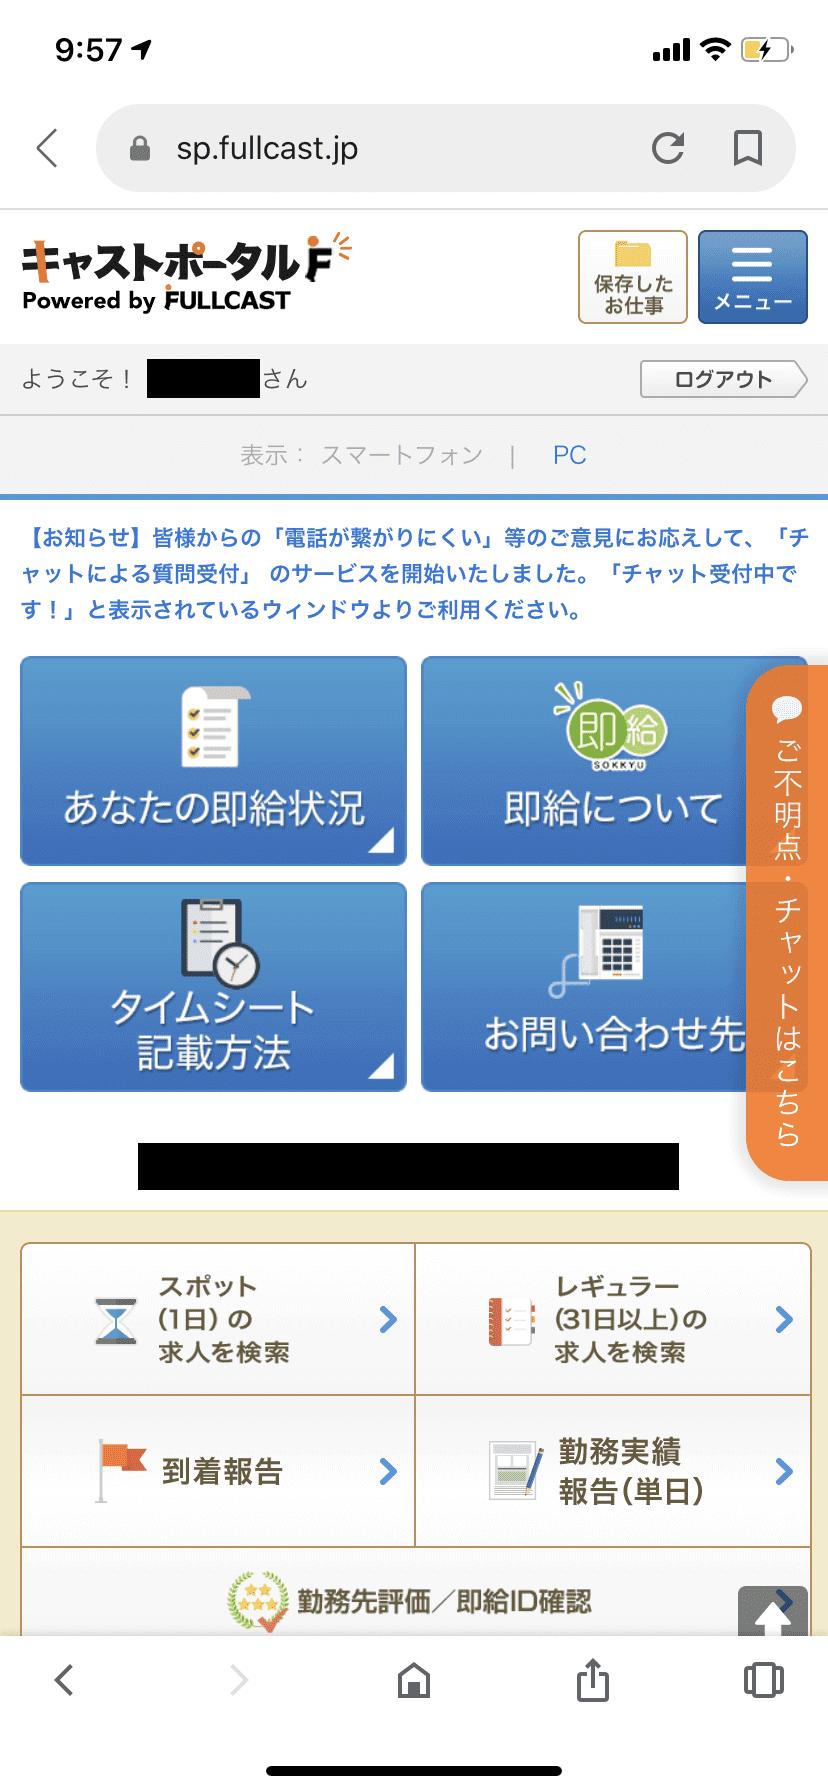 フルキャスト 静岡営業課 WEB登録